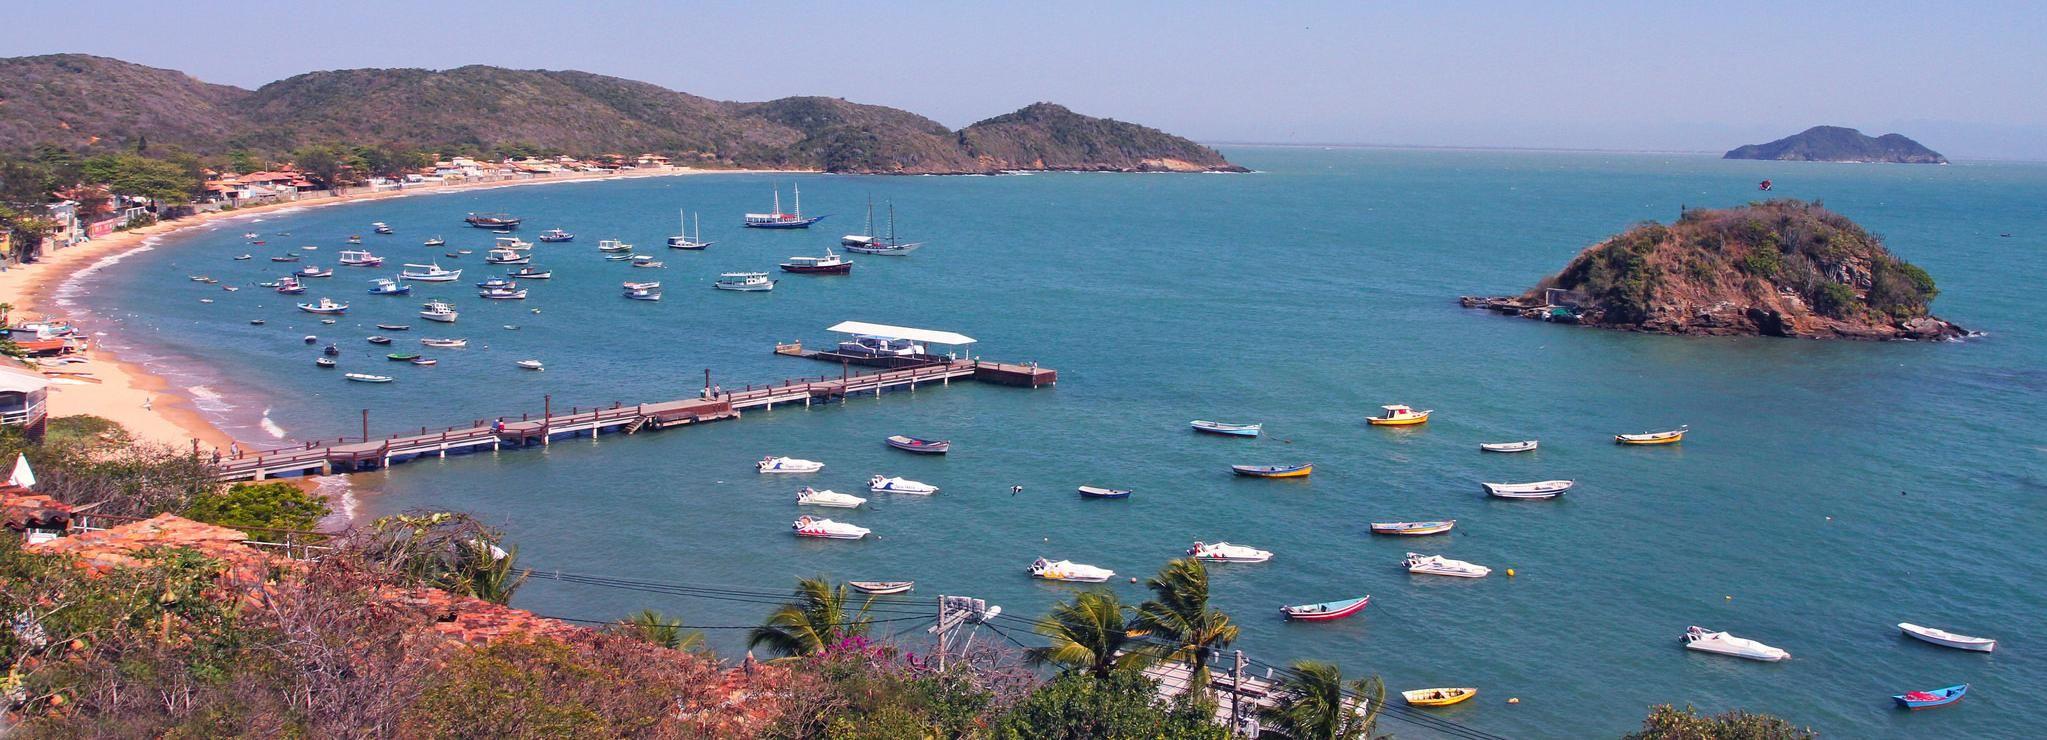 Ab Rio de Janeiro: Bootstour nach Búzios mit Mittagessen